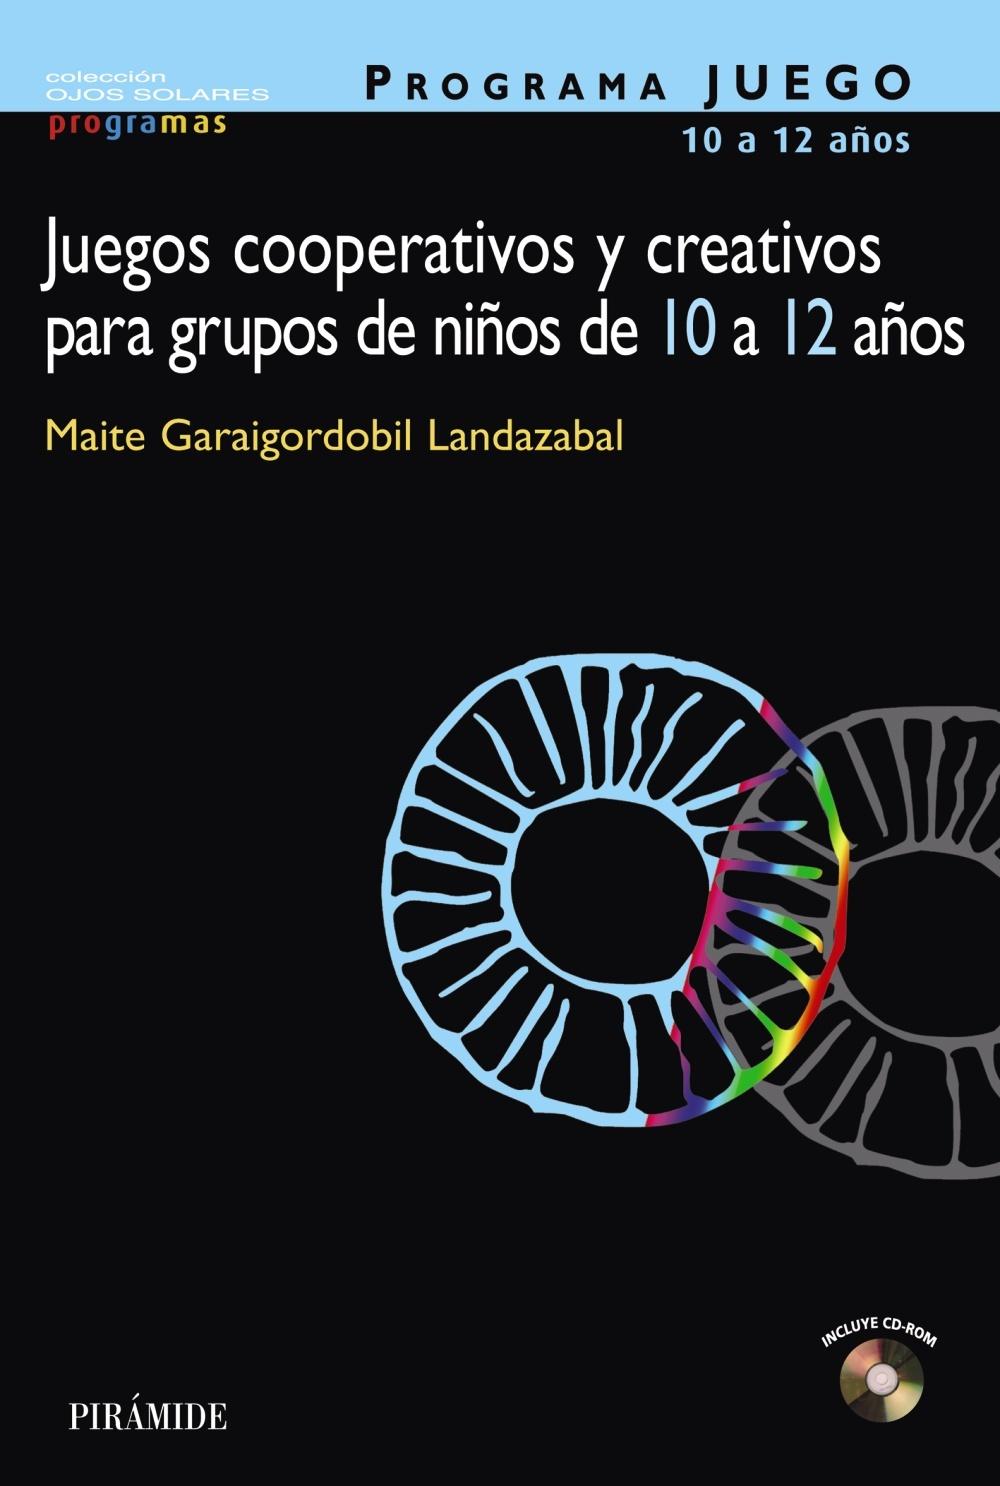 PROGRAMA JUEGO 10 A 12 AÑOS. JUEGOS COOPERATIVOS Y CREATIVOS PARA GRUP